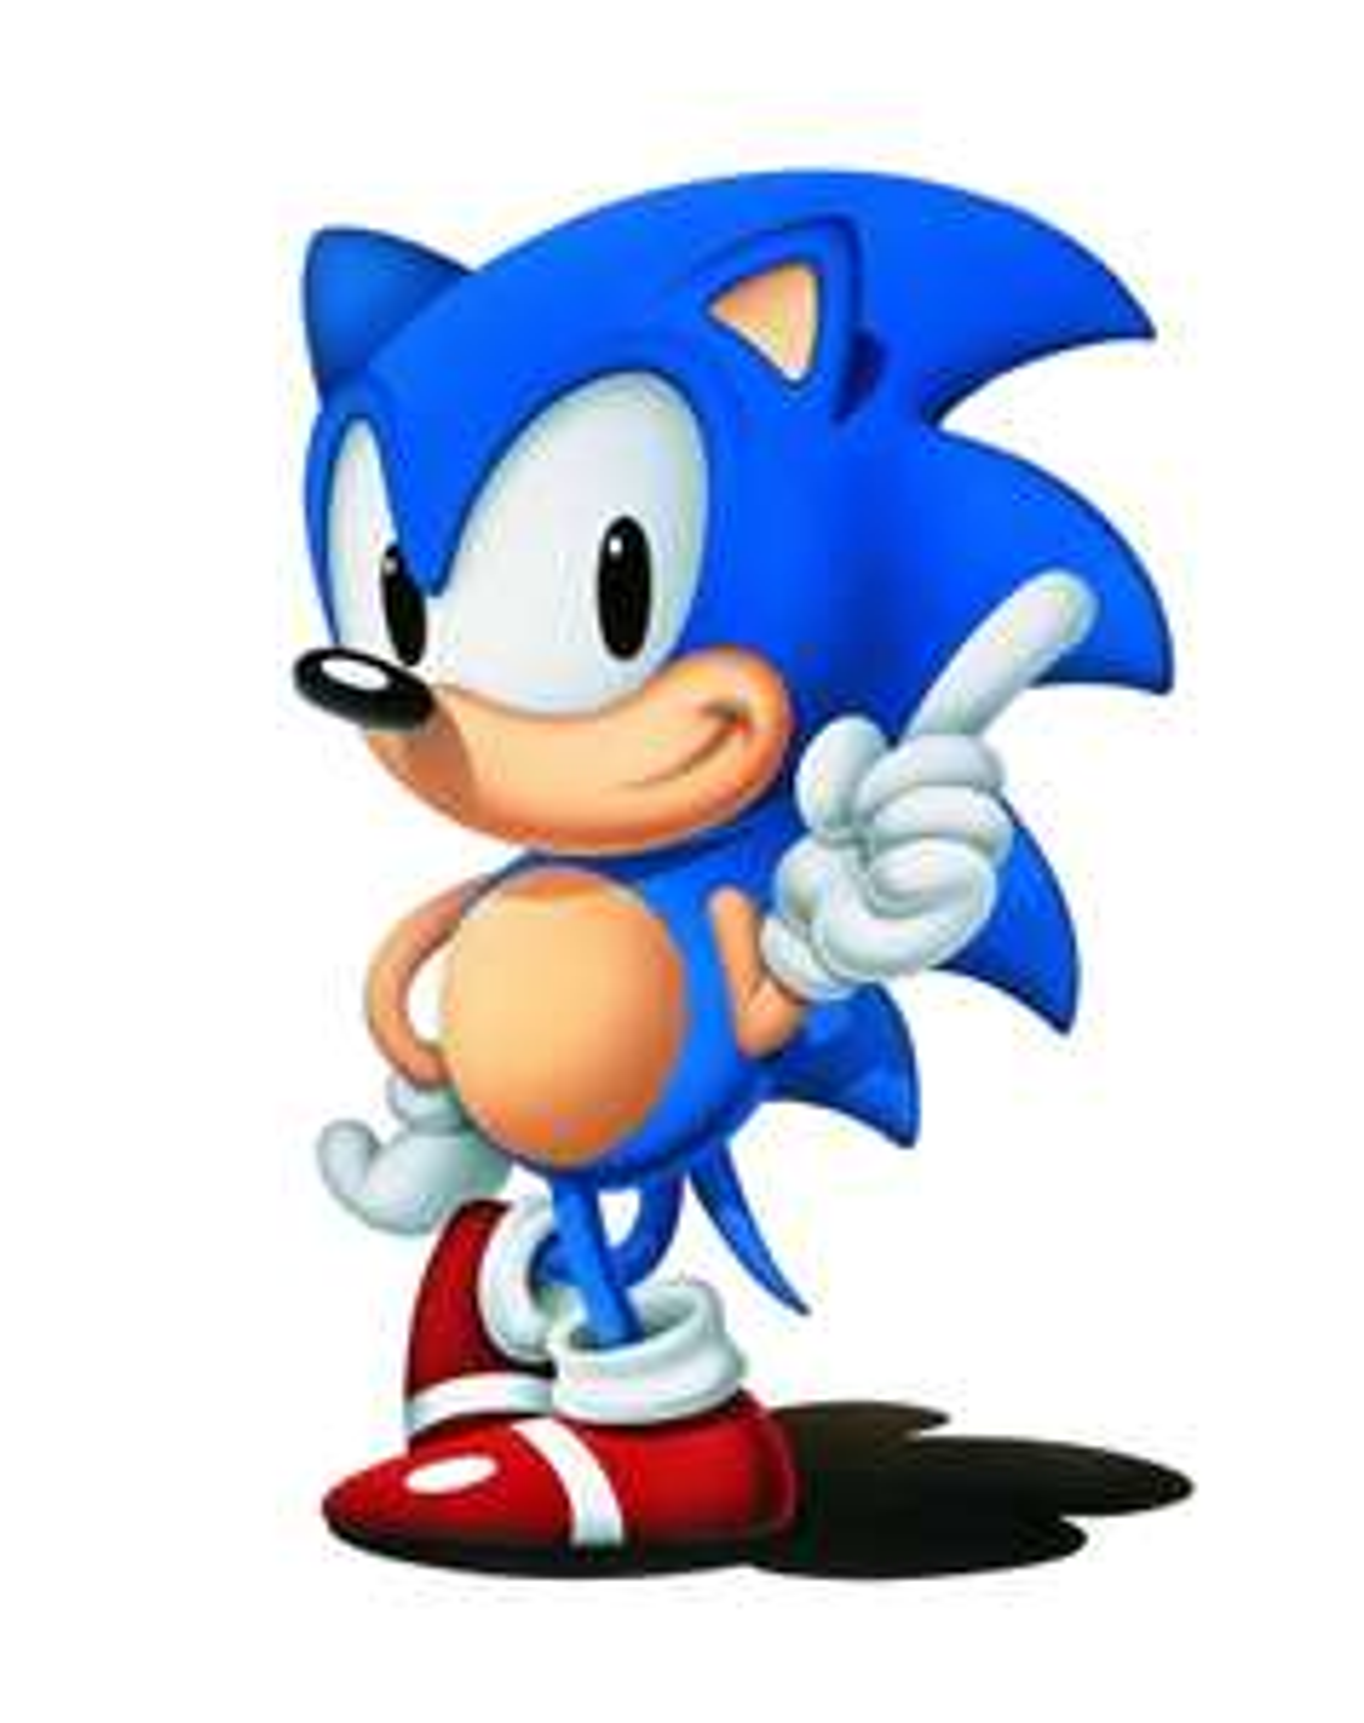 Anniversaire Sonic : Jeux de la licence sur Android en promotion, l'unité